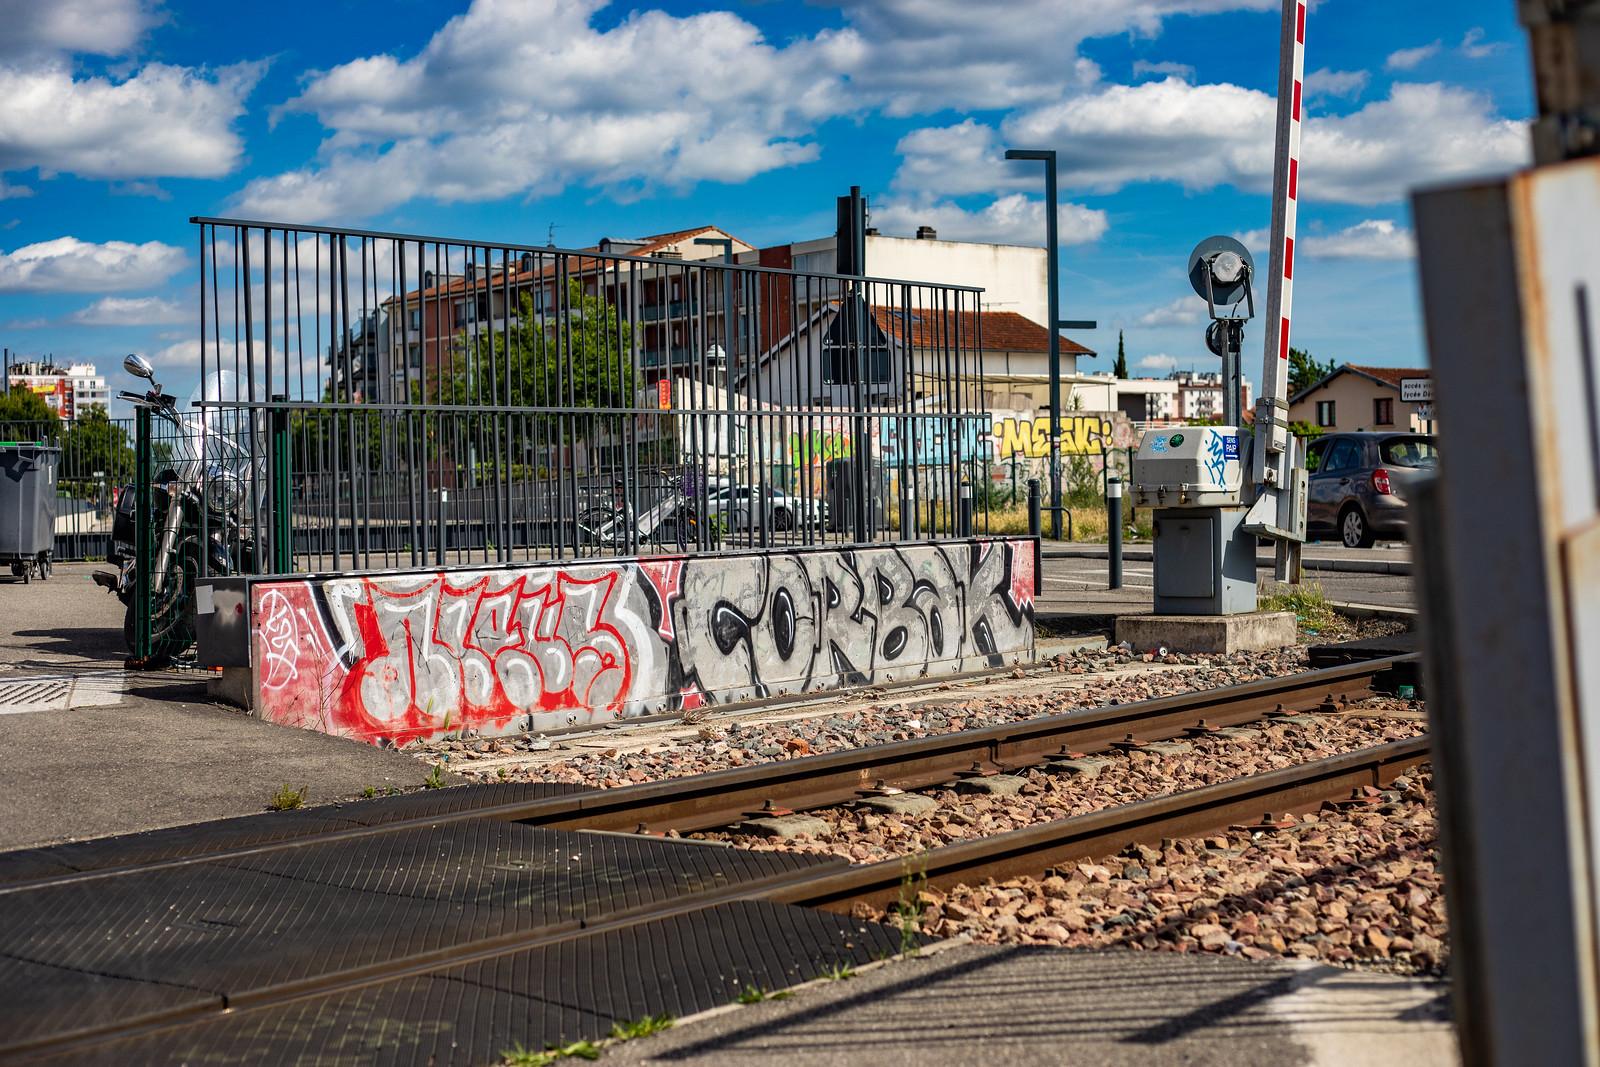 Photographie de graffitis sur un muret de la voie ferrée